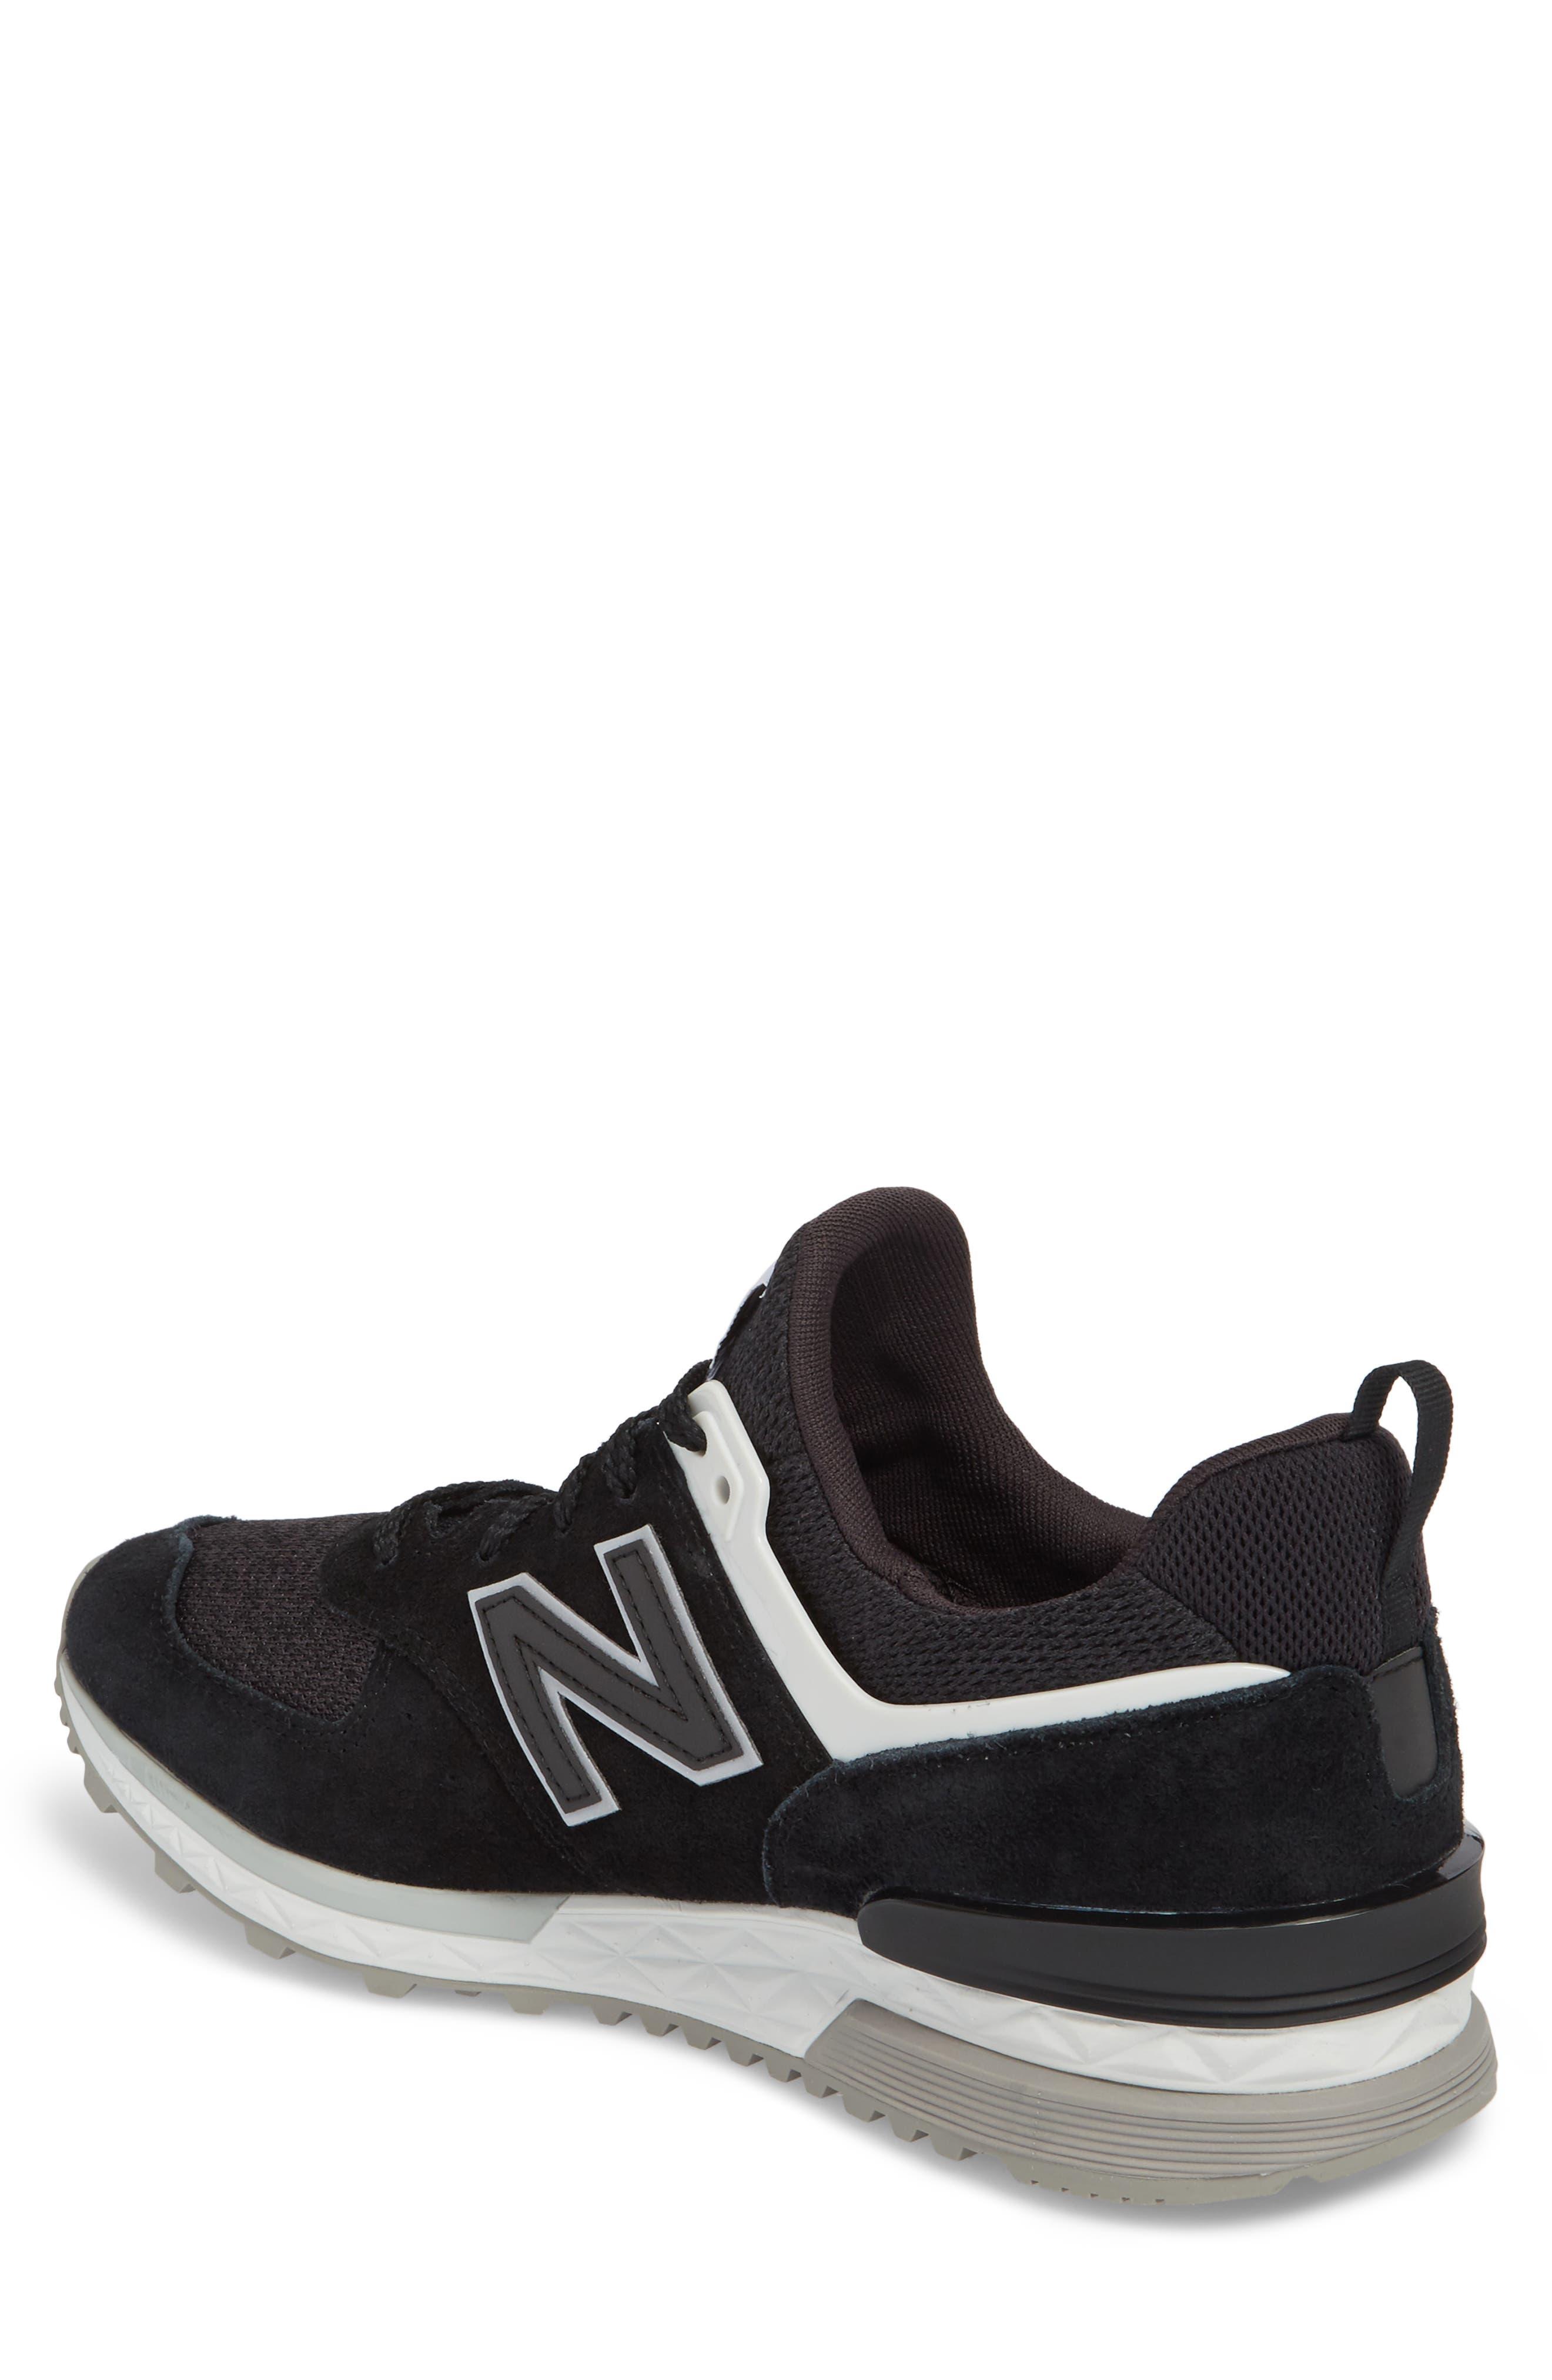 574 Sport Sneaker,                             Alternate thumbnail 2, color,                             004